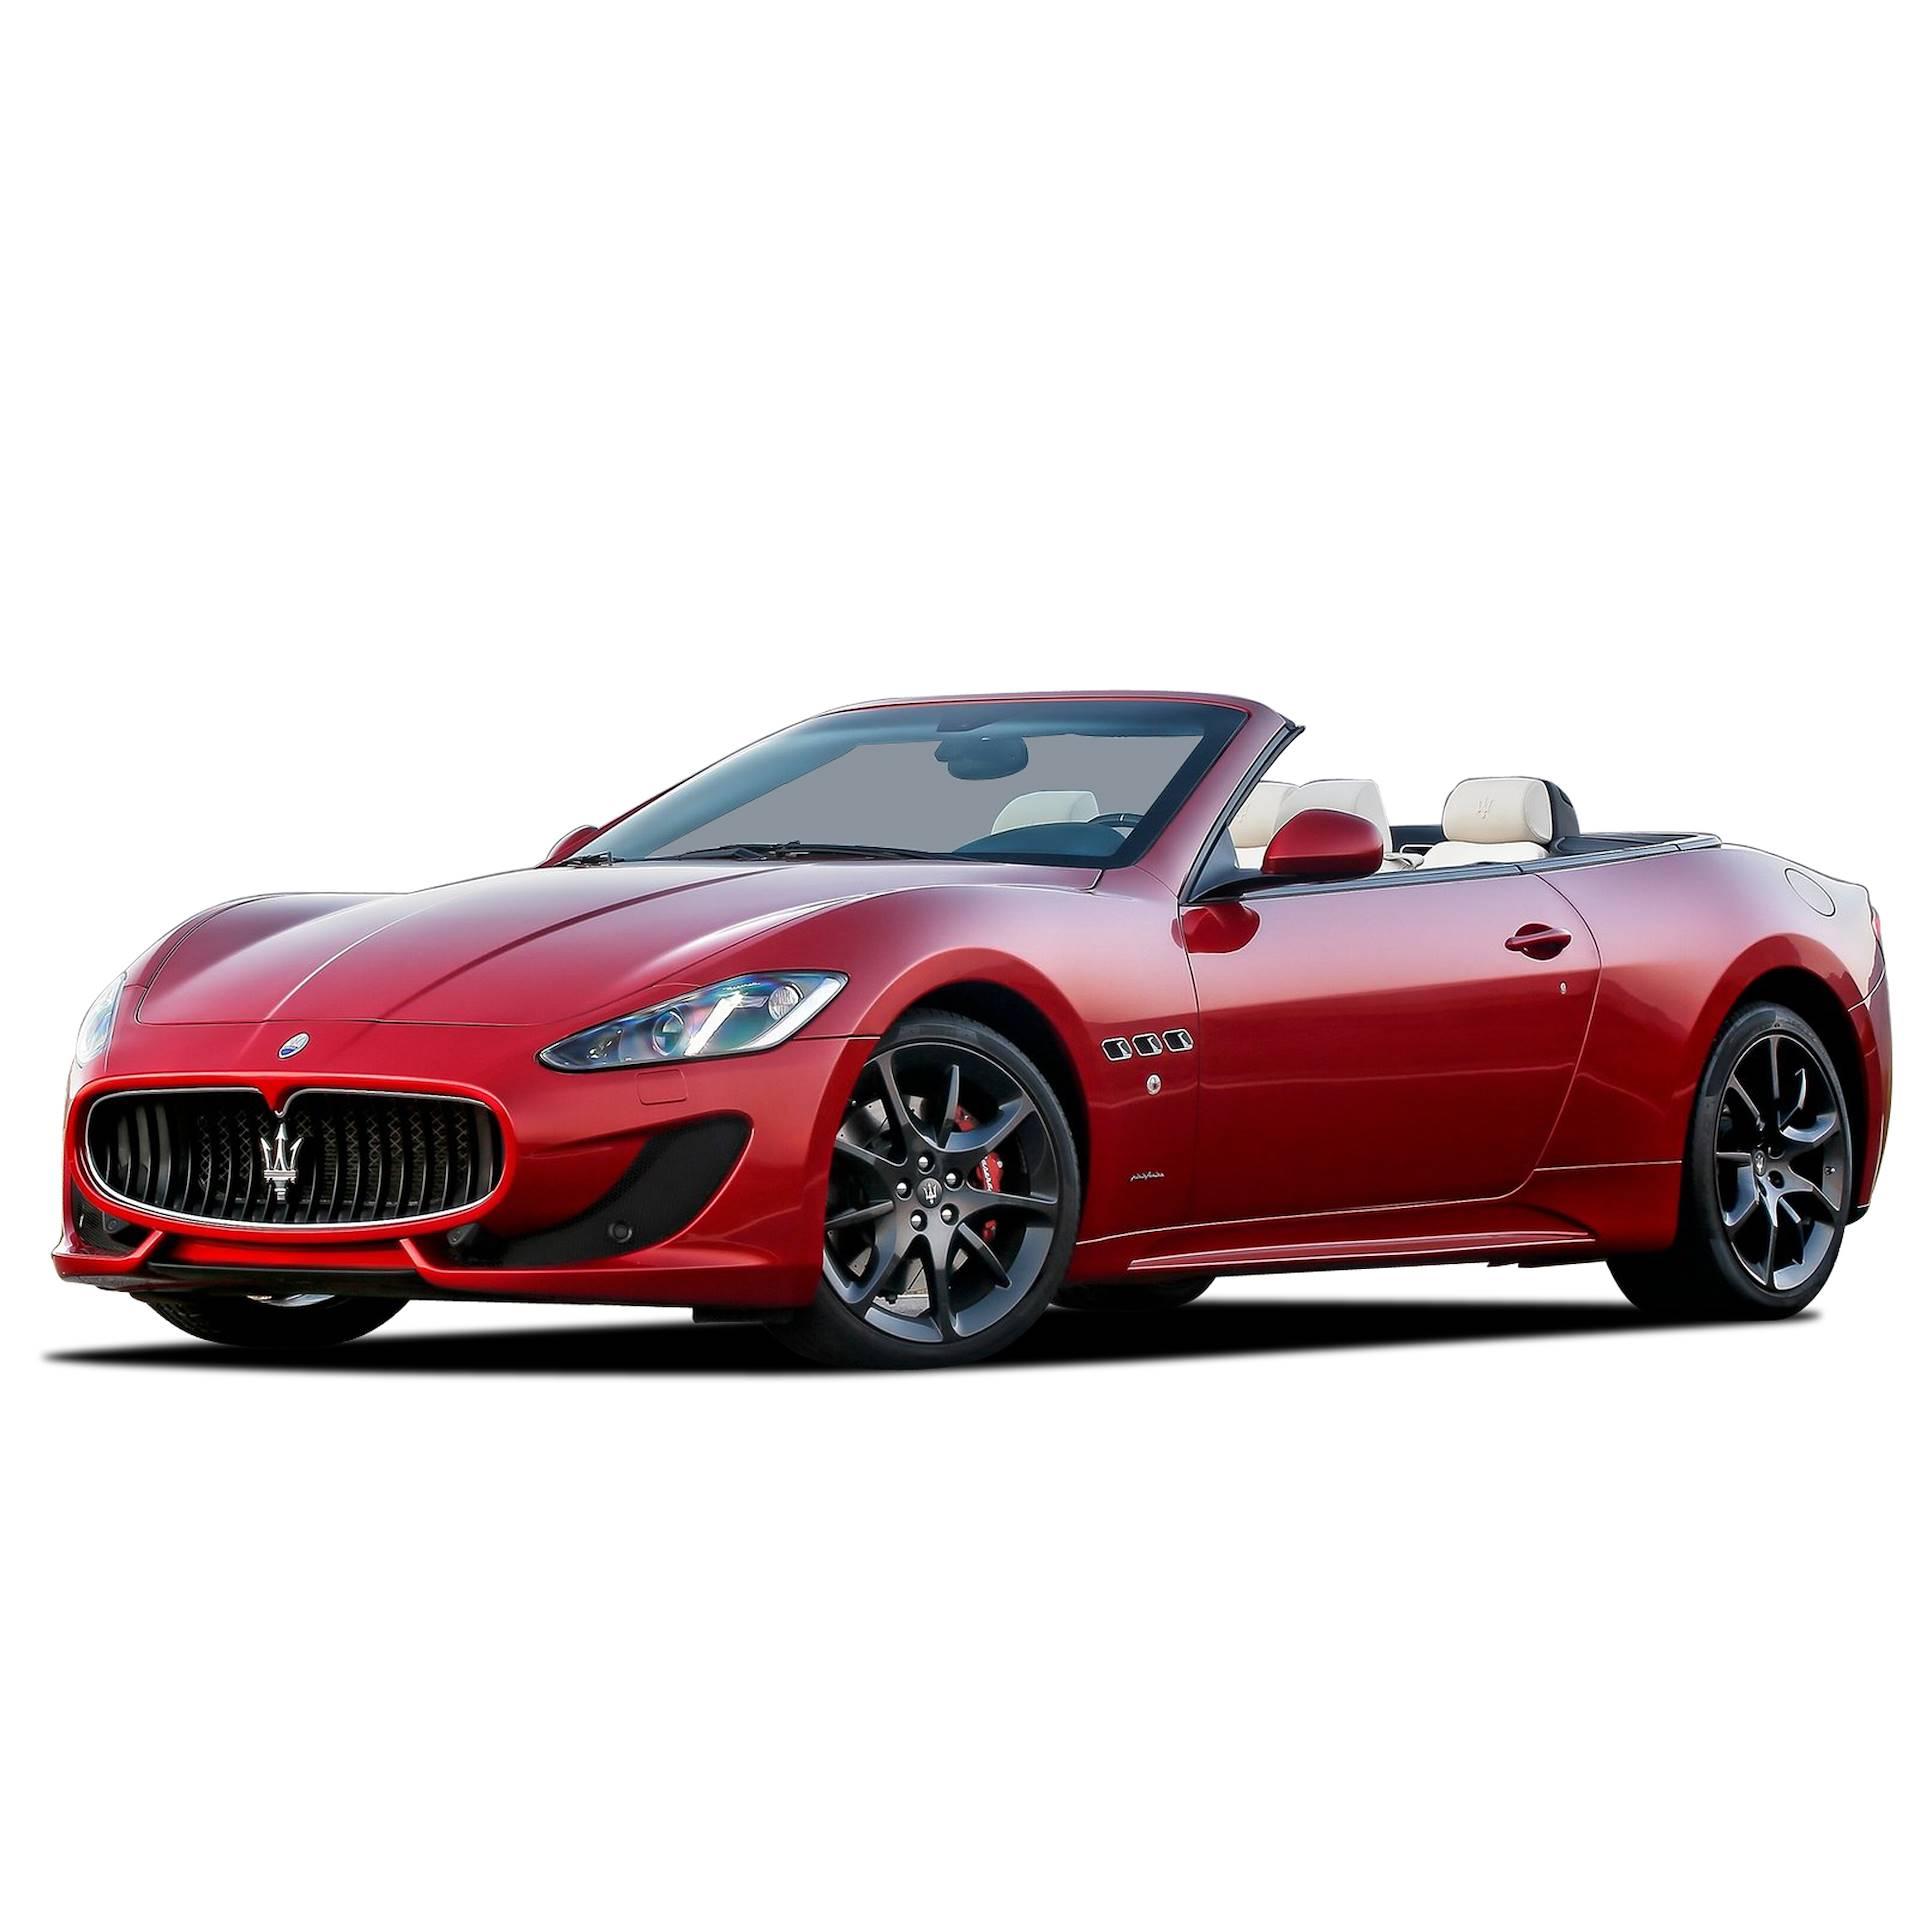 MASERATI GranCabrio Sport 4.7i V8 (450 / 460 Hp) 2011 ->, Maserati ...